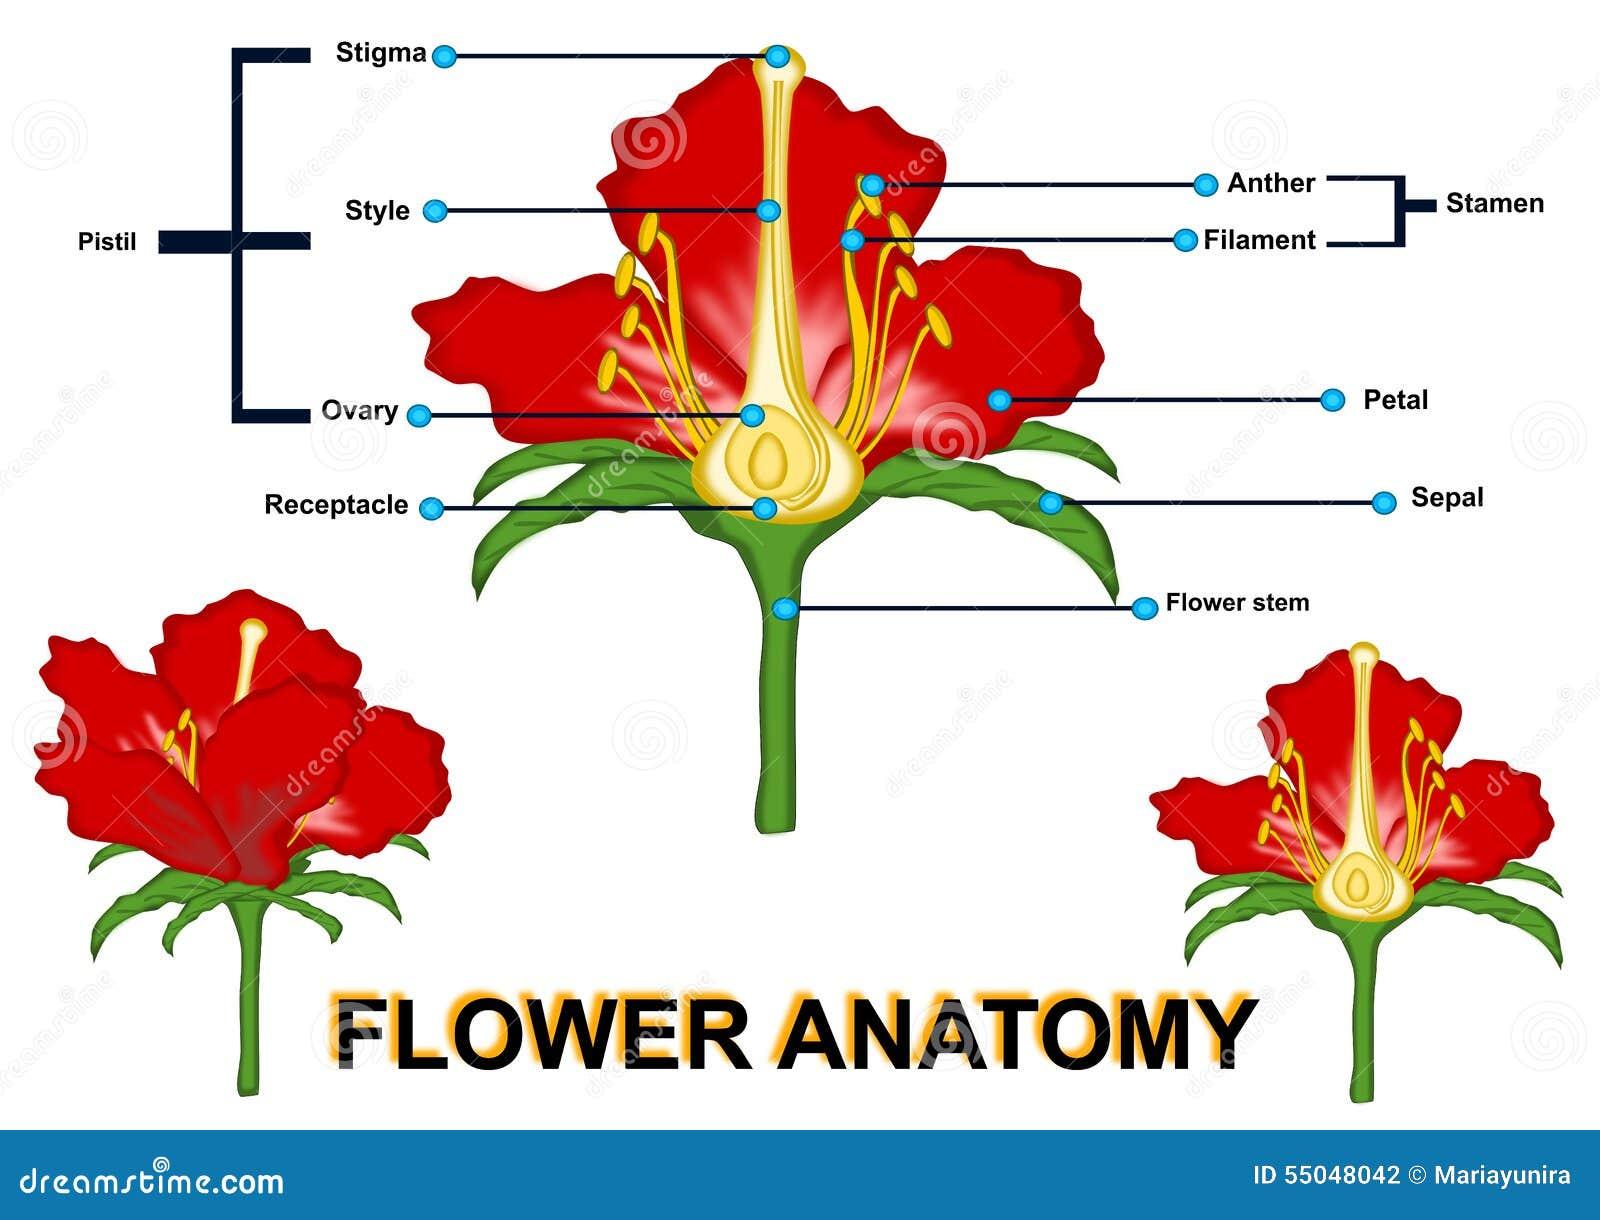 Moderno La Anatomía De Una Flor Motivo - Imágenes de Anatomía Humana ...